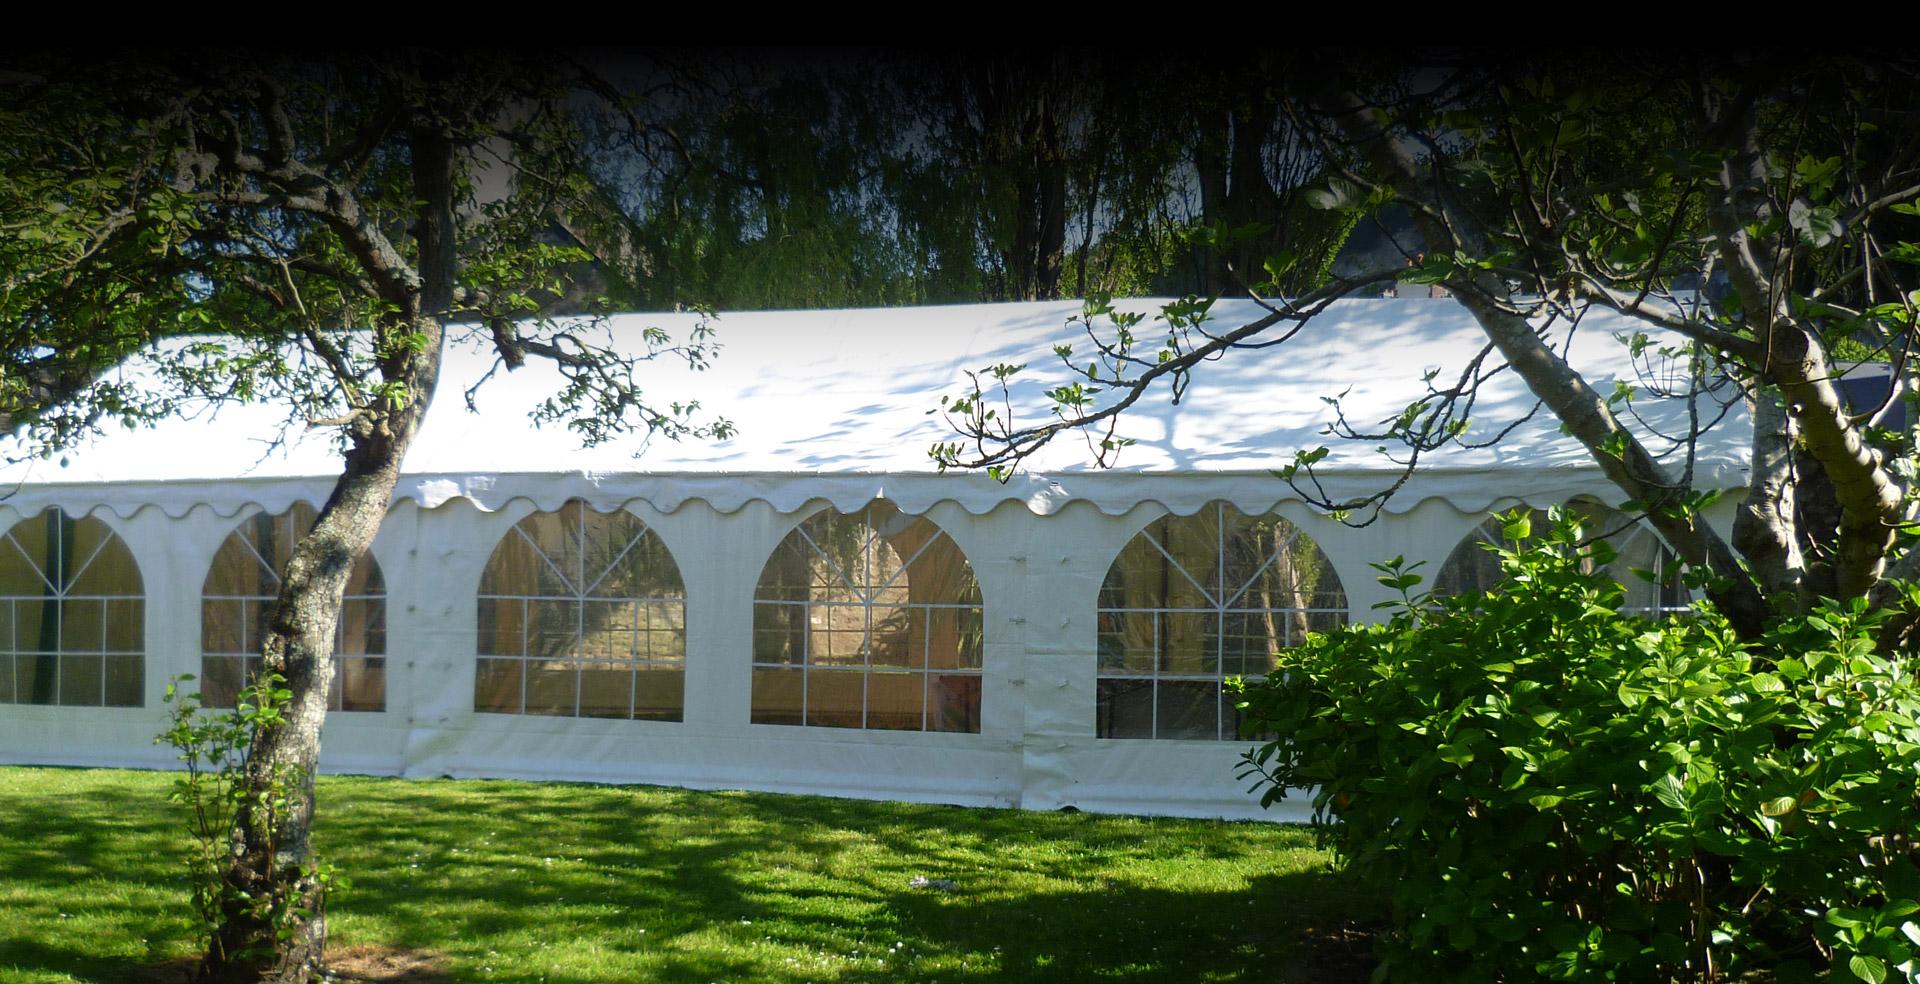 Location de tentes pour vos événements